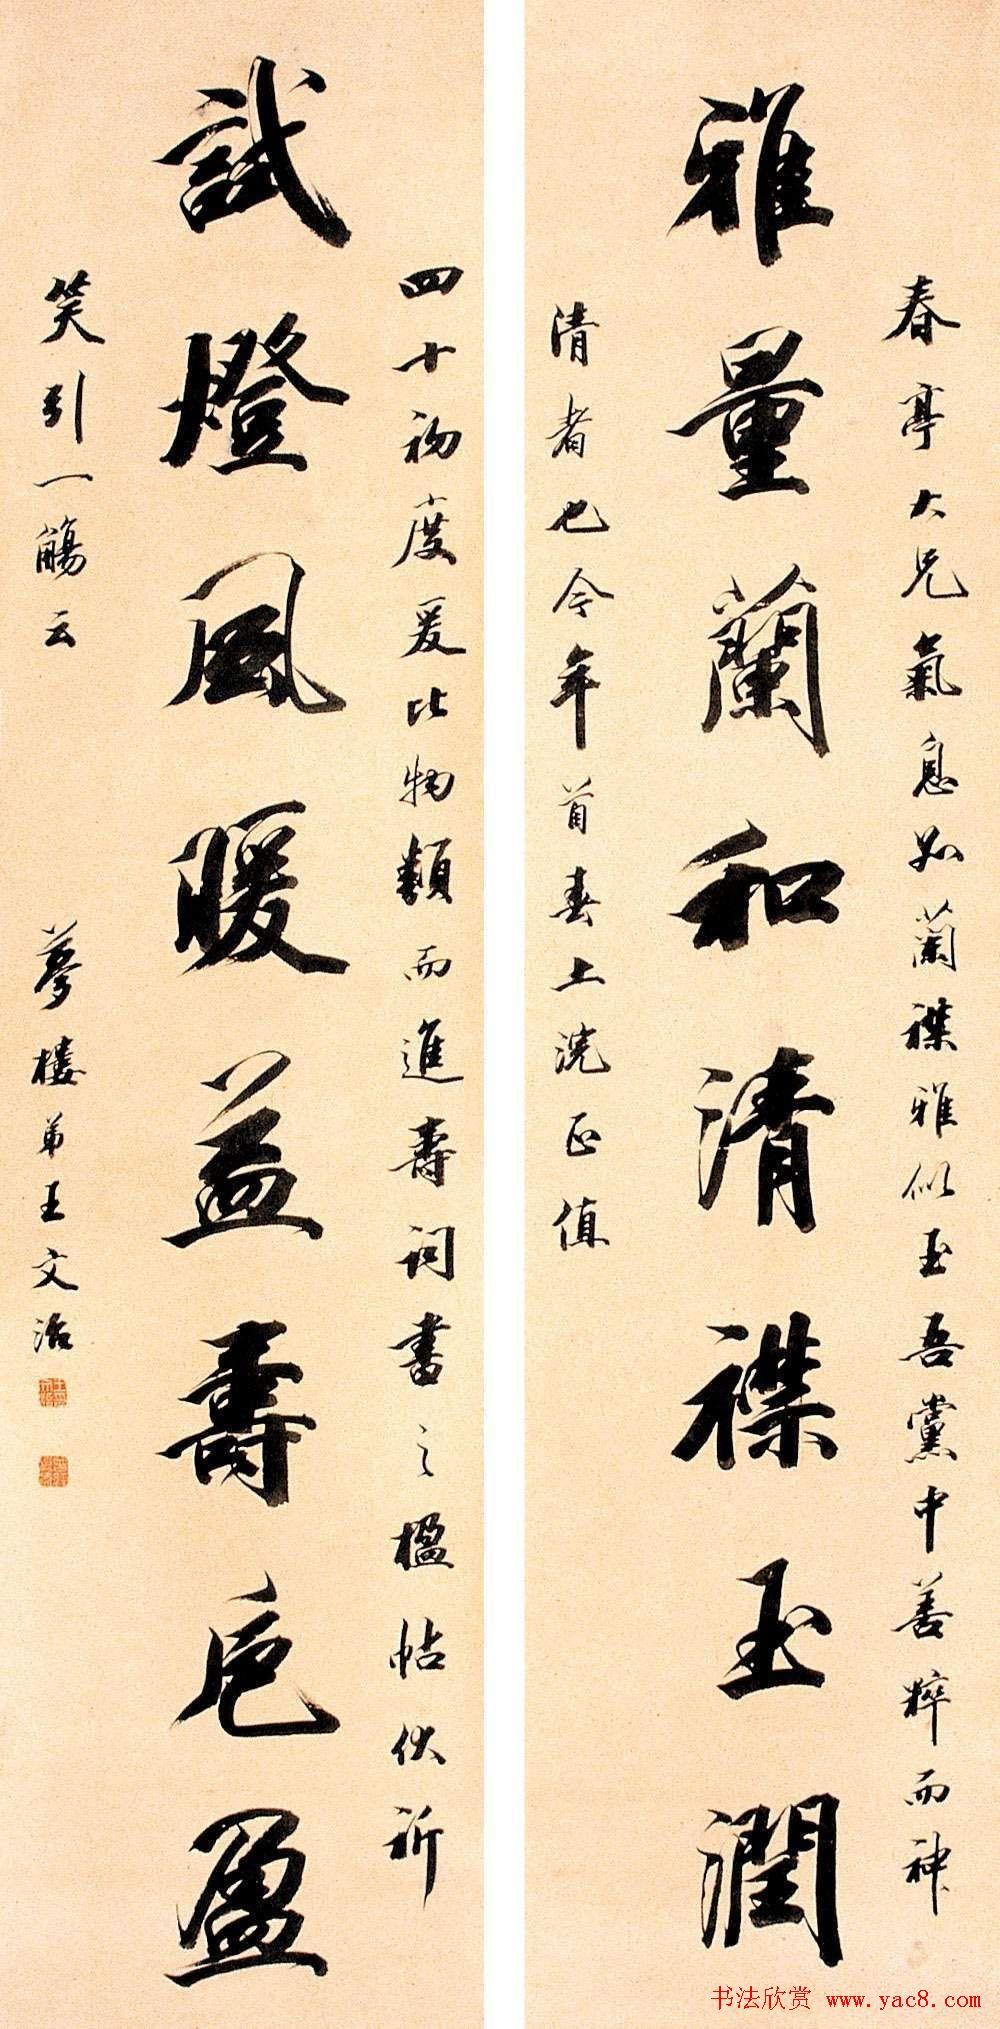 王文治书法作品网络大展